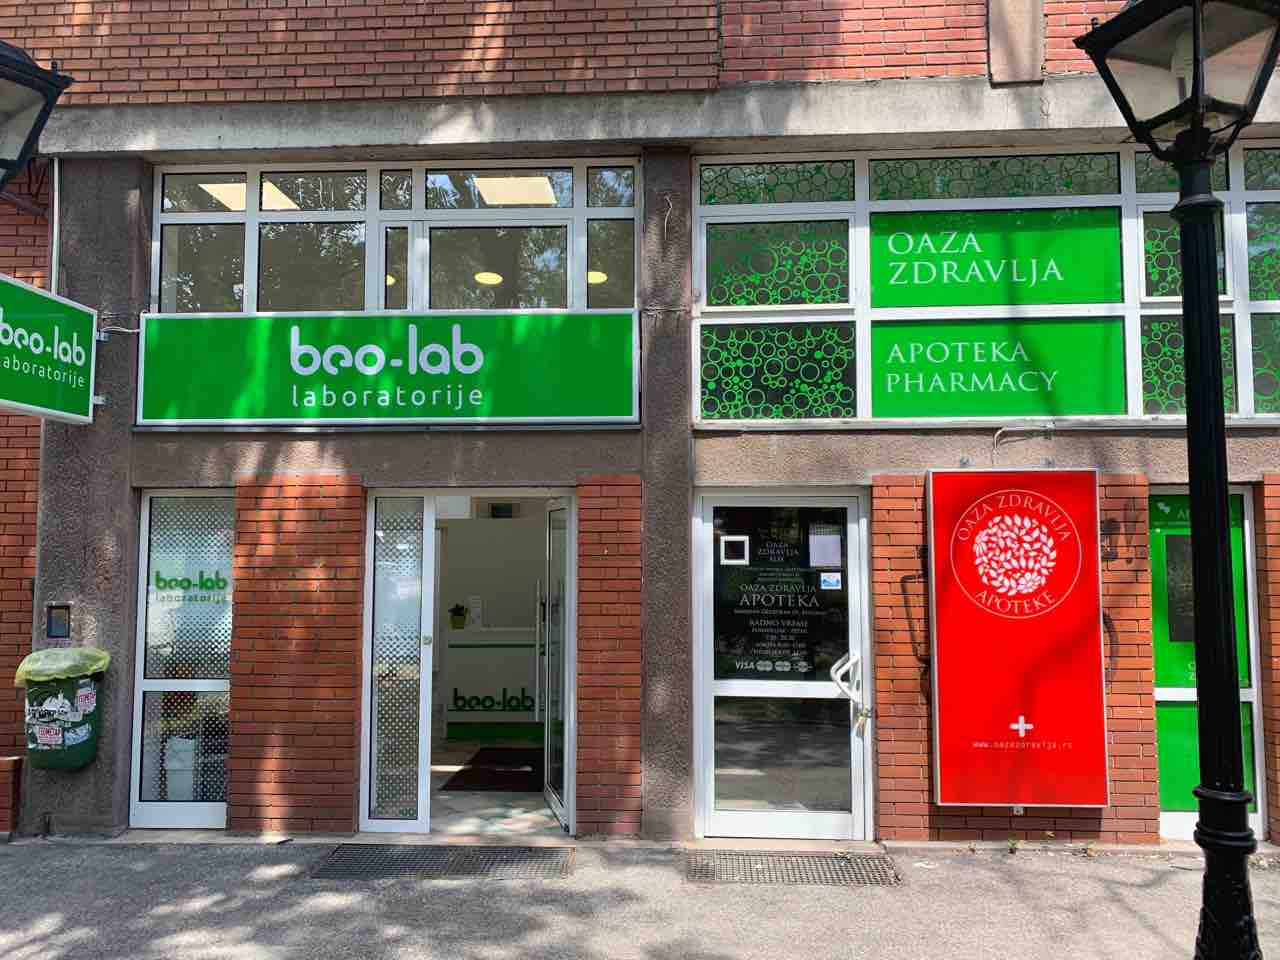 Beo-lab laboratorija Karaburma, Marijane Gregoran 69 1